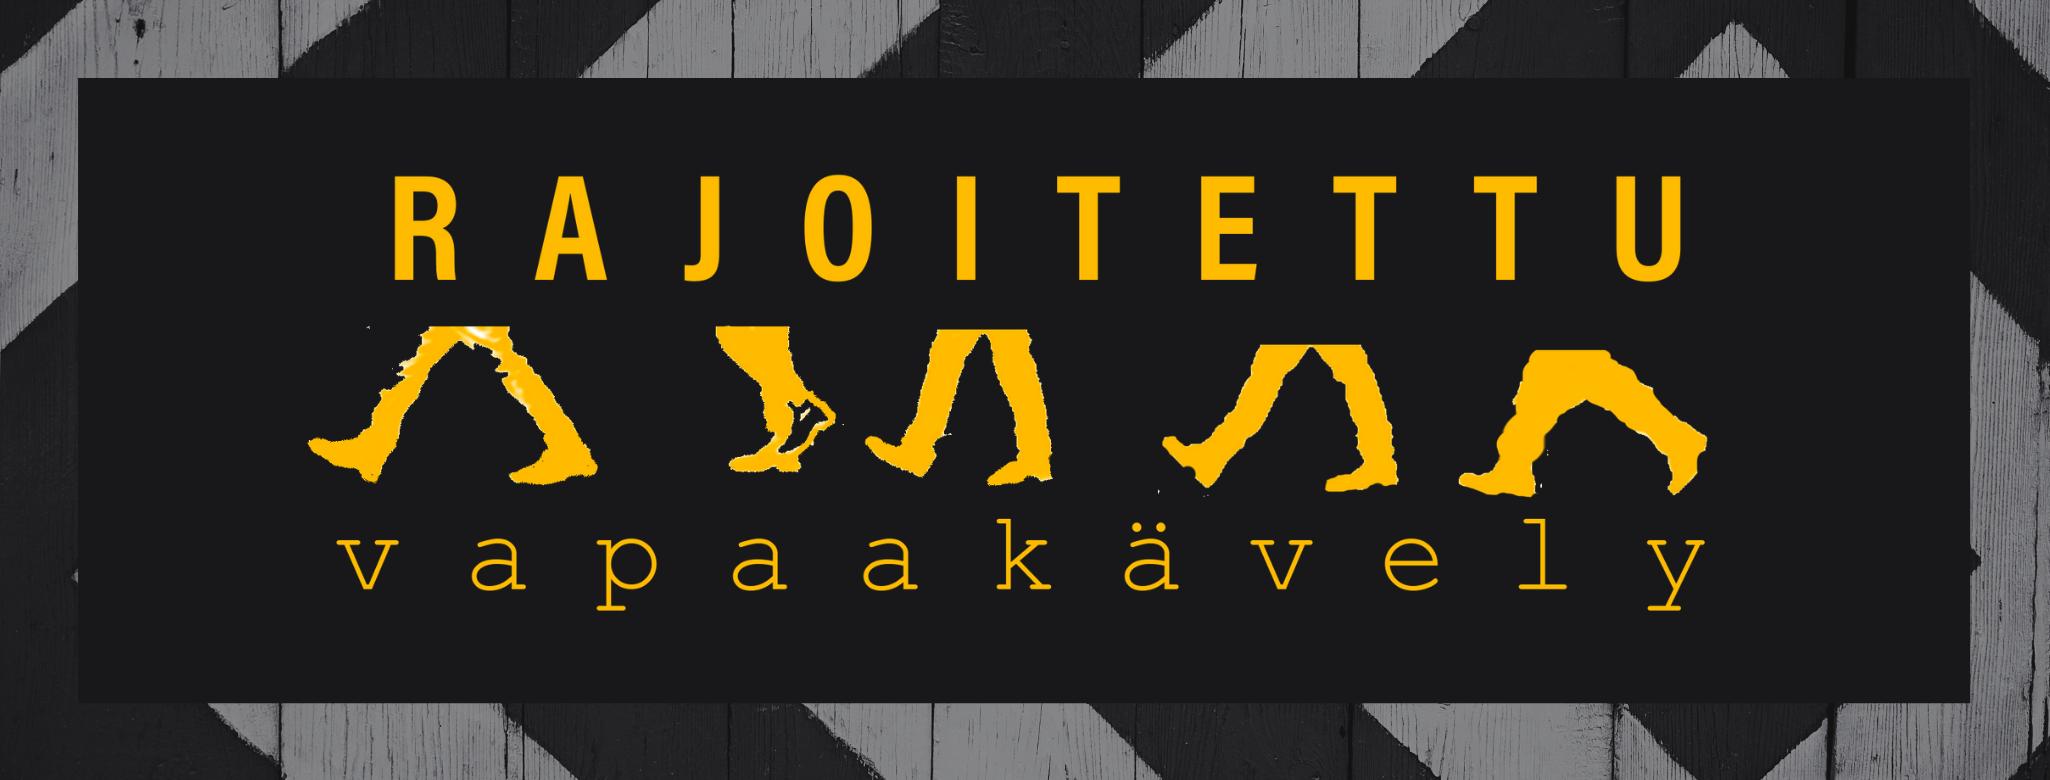 """Rajoitettu vapaa kävely esityksen juliste missä jalat kävelee vasemmalle. Jalat on piirretty minimalistisen keltaisesti ja ylhäällä on teksti """"rajoitettu"""" ja alhaalla teksti """"vapaa kävely"""""""